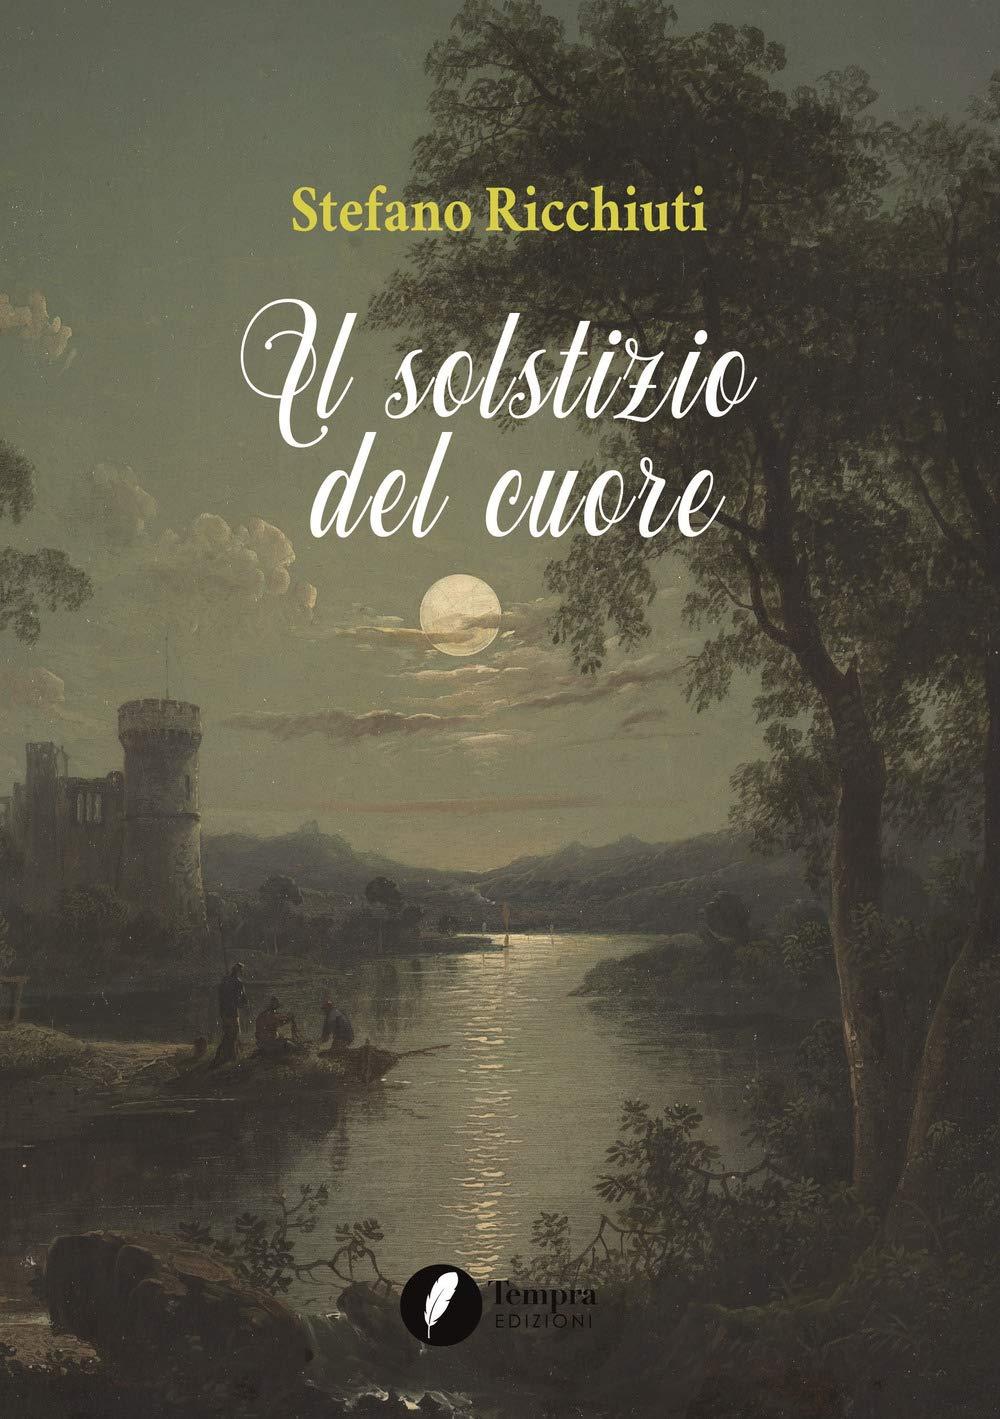 Risultato immagini per IL SOLSTIZIO DEL CUORE di Stefano Ricchiuti